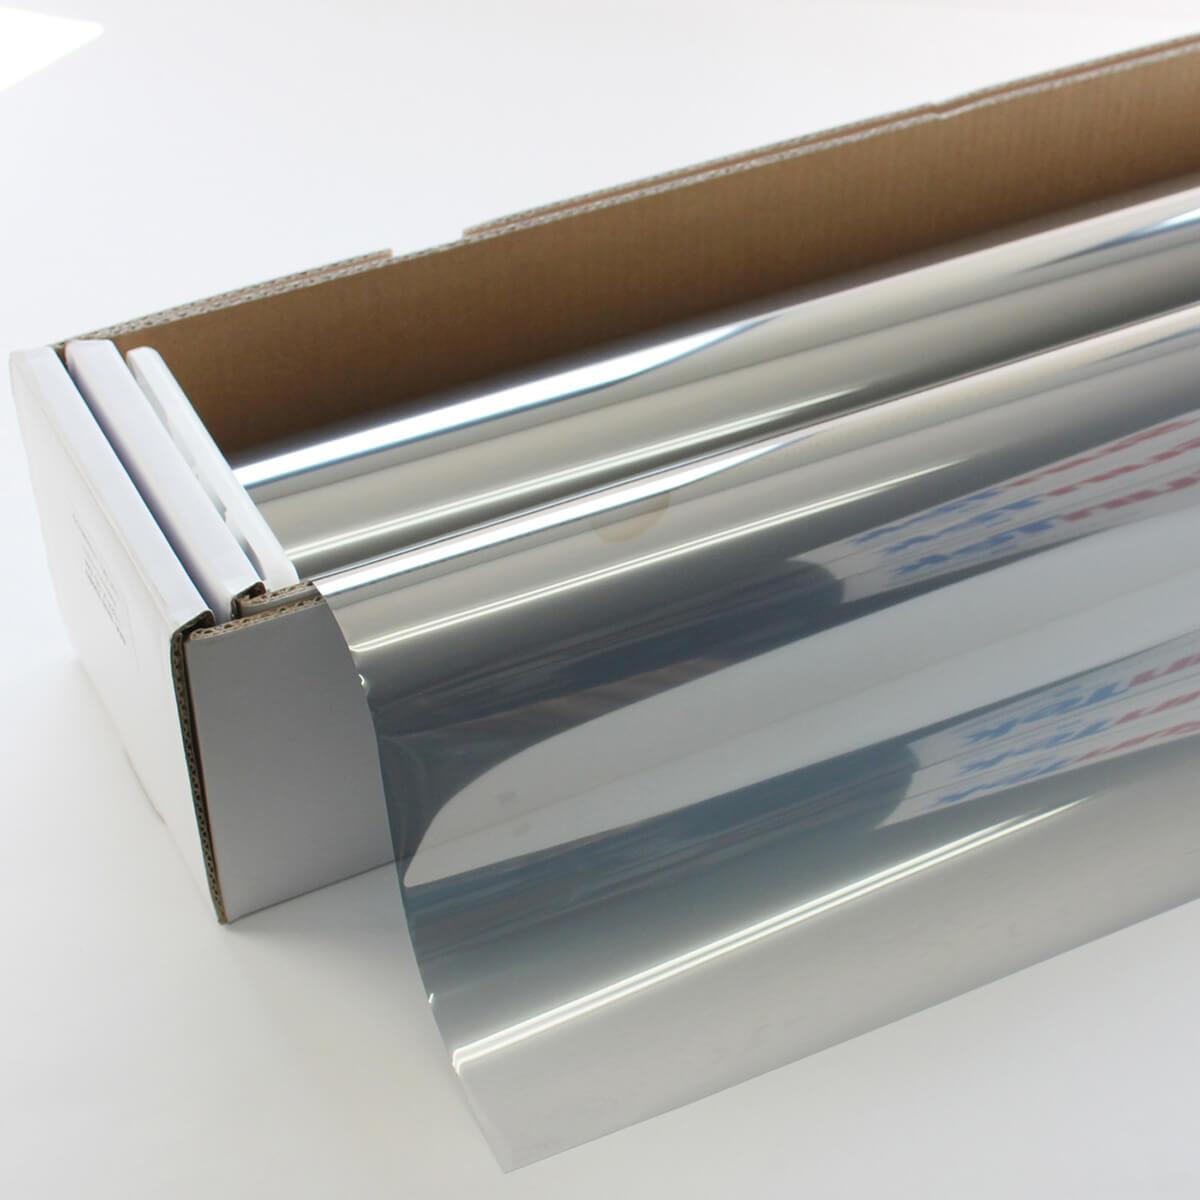 ウィンドウフィルム 窓ガラスフィルム シルバー35W(外貼り用) 幅広1.5m幅×30mロール箱売 マジックミラーフィルム 遮熱フィルム 断熱フィルム UVカットフィルム ブレインテック Braintec:カーフィルム スモーク Braintec